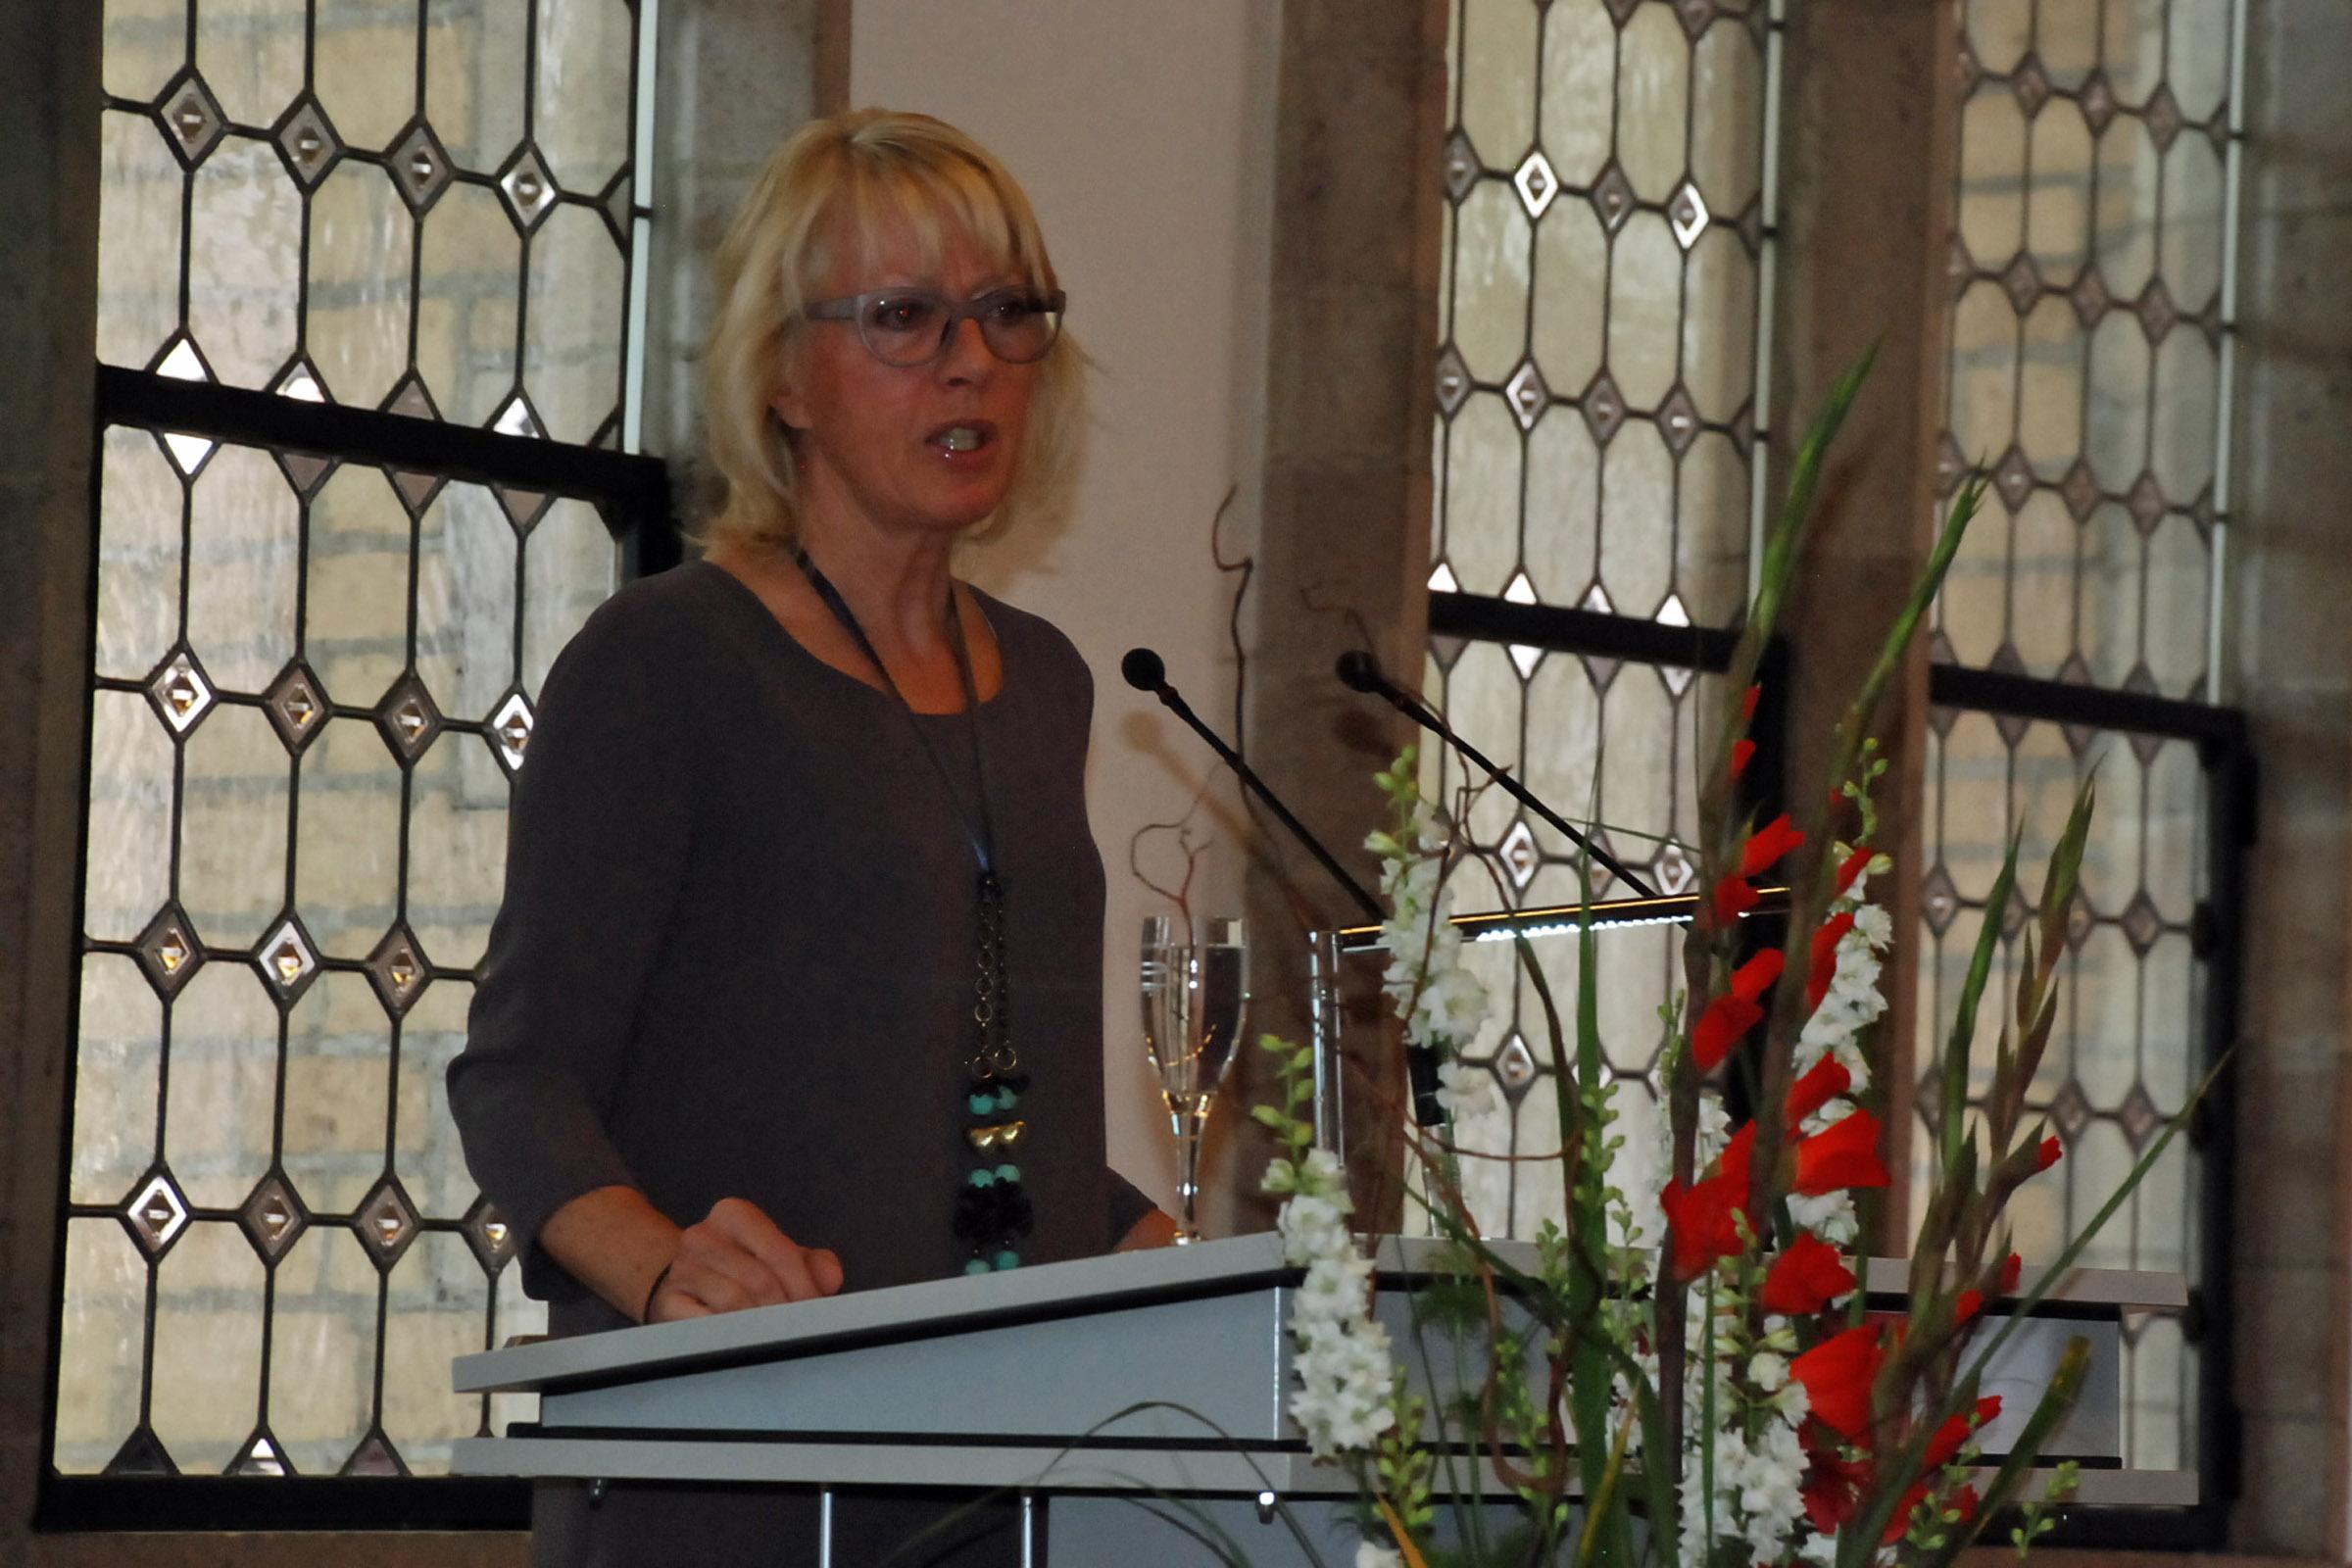 Bürgermeisterin Elfi Scho-Antwerpes stellt die diesjährigen Preisträger vor.Elfi Scho-Antwerpes